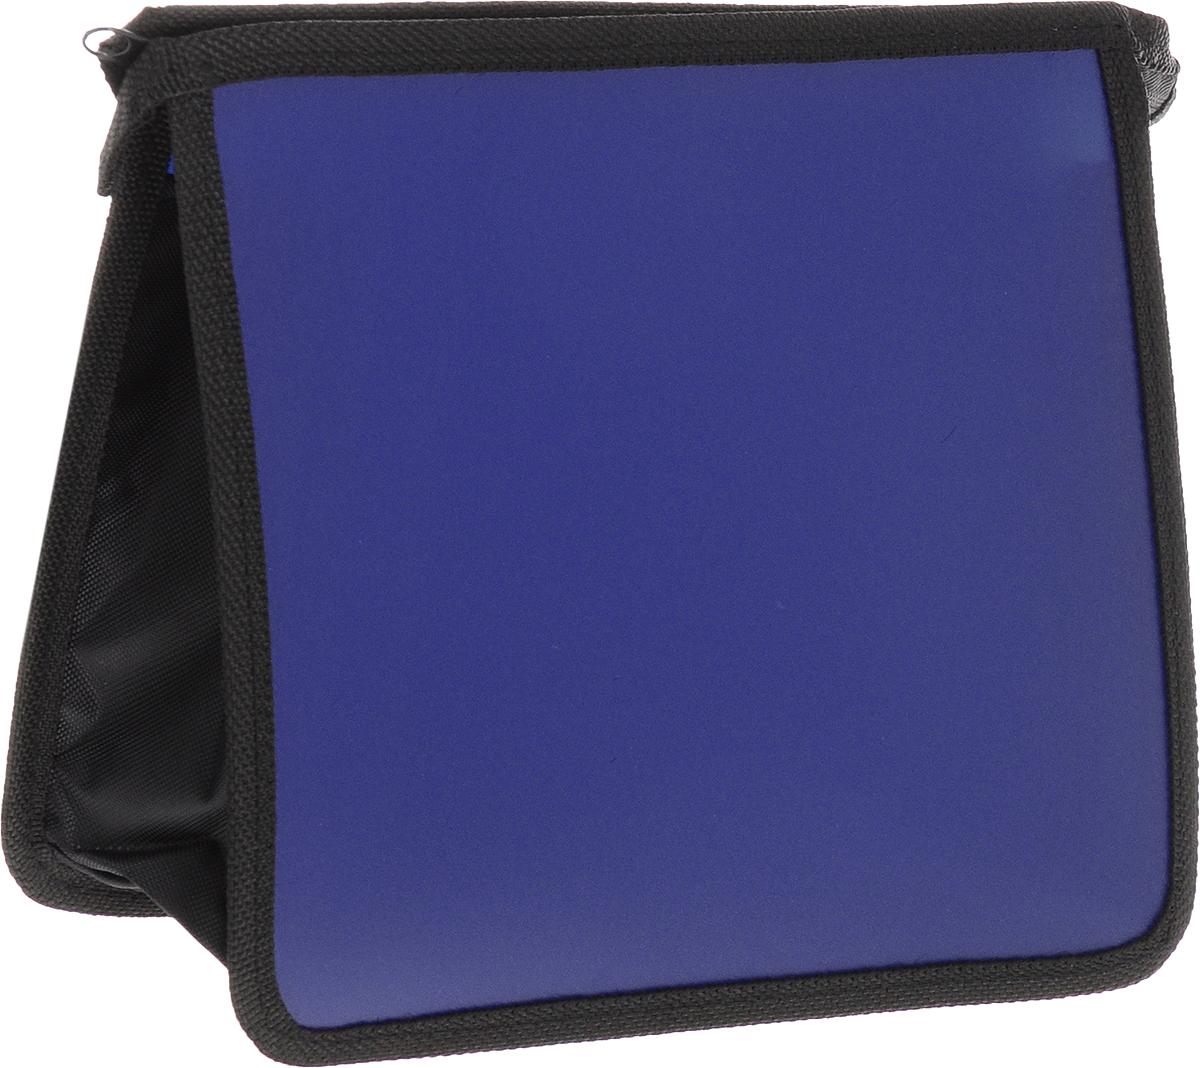 Феникс+ Папка для тетрадей А5 цвет синий41694Папка для тетрадей Феникс+ - это удобный и функциональный инструмент, который идеально подойдет для хранения различных бумаг формата А5, а также школьных тетрадей и письменных принадлежностей.Папка изготовлена из пластика и надежно закрывается на застежку-молнию. Папка практична в использовании и надежно сохранит ваши бумаги и сбережет их от повреждений, пыли и влаги.Размер папки: 23,3 см х 20 см.